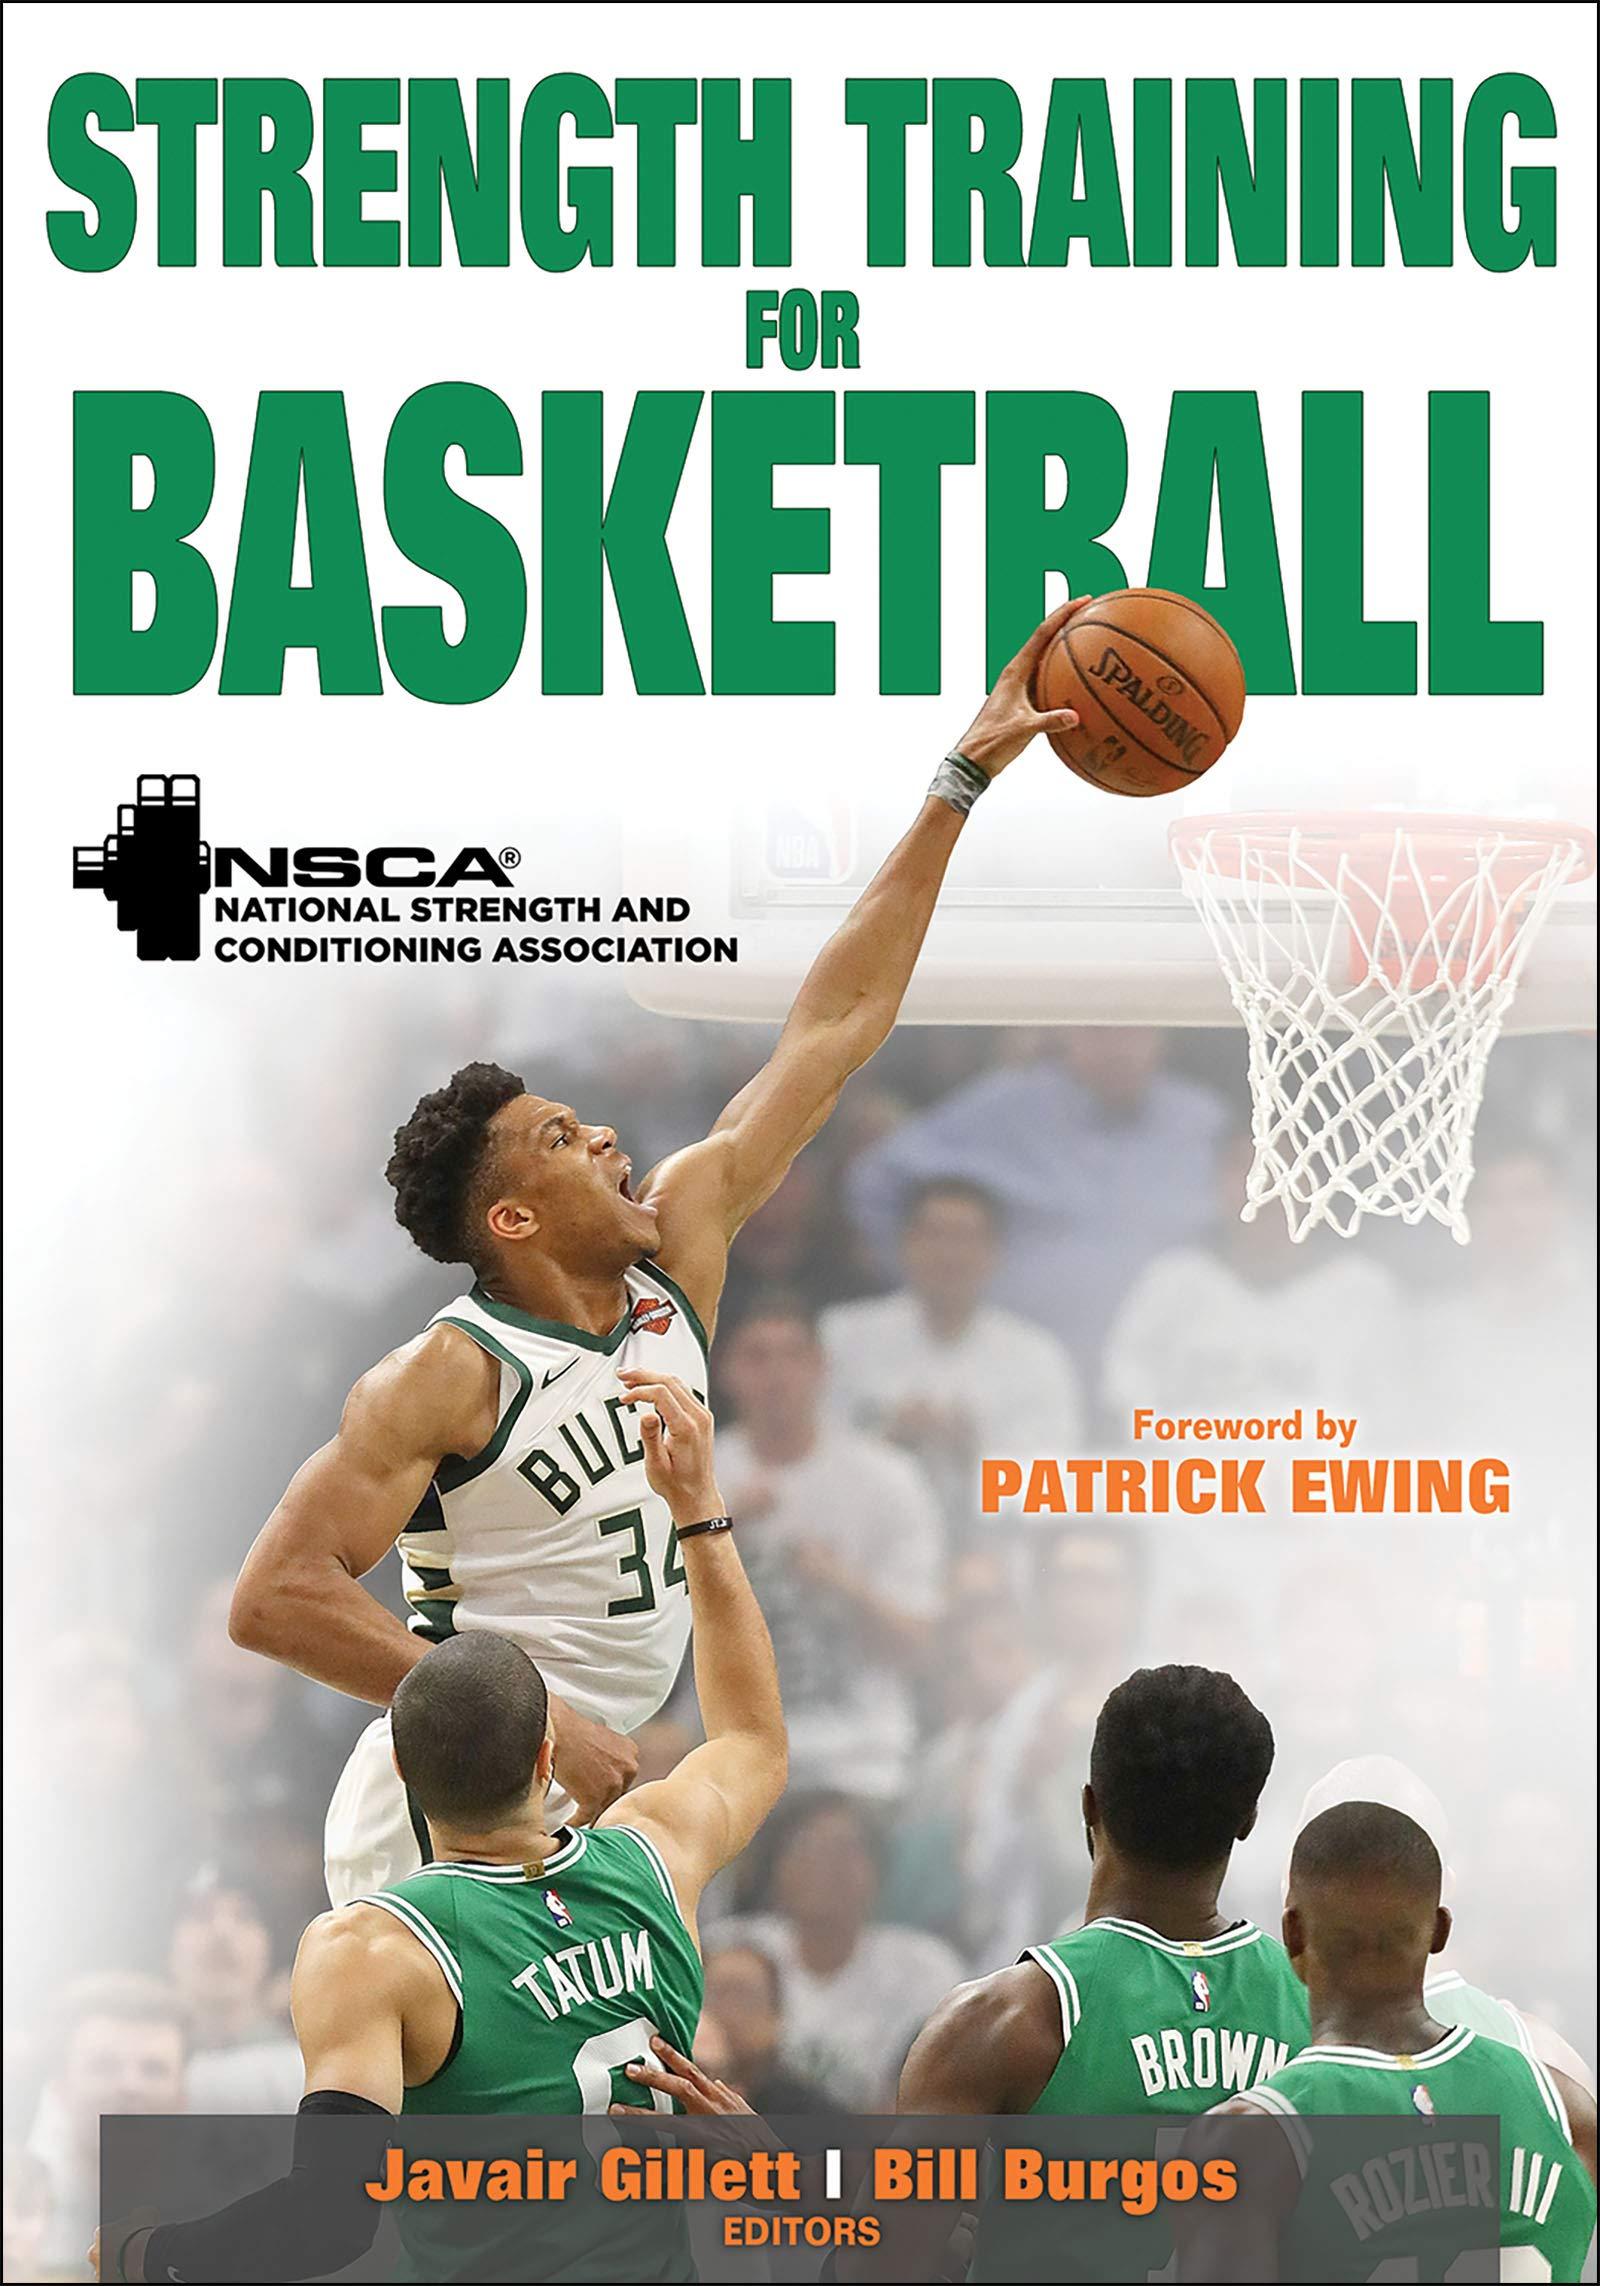 Amazon.com: Strength Training for Basketball (Strength ...